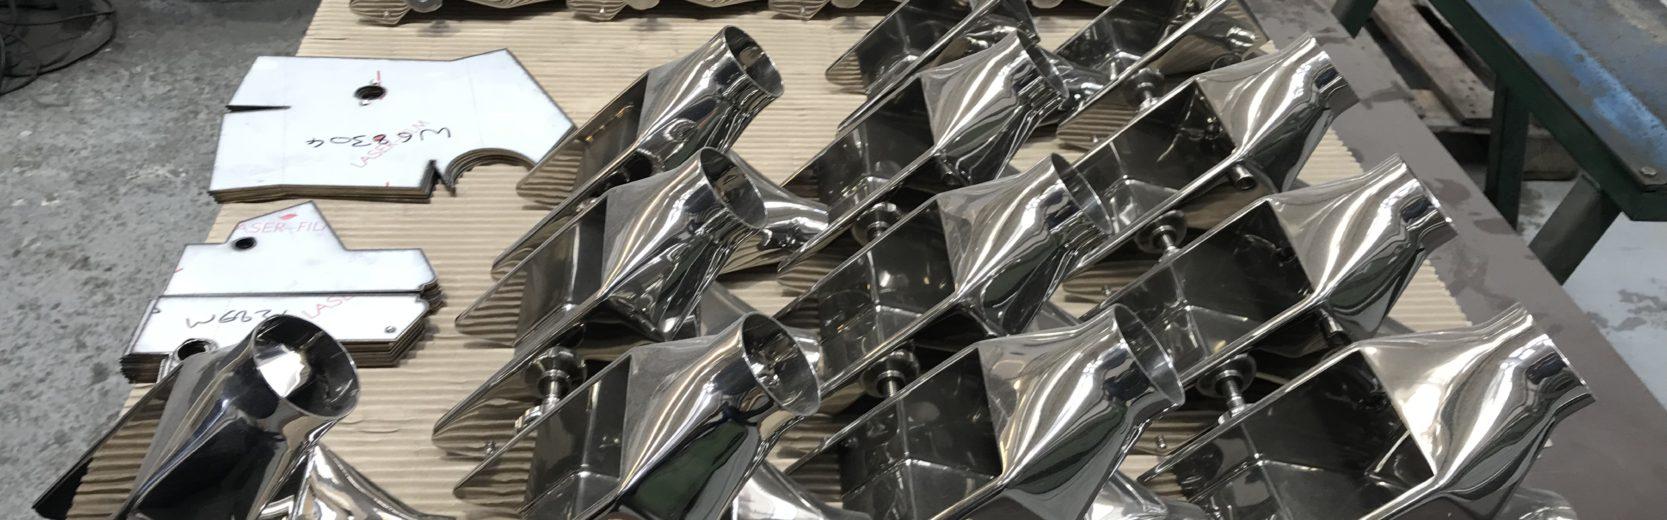 mirror polish chutes